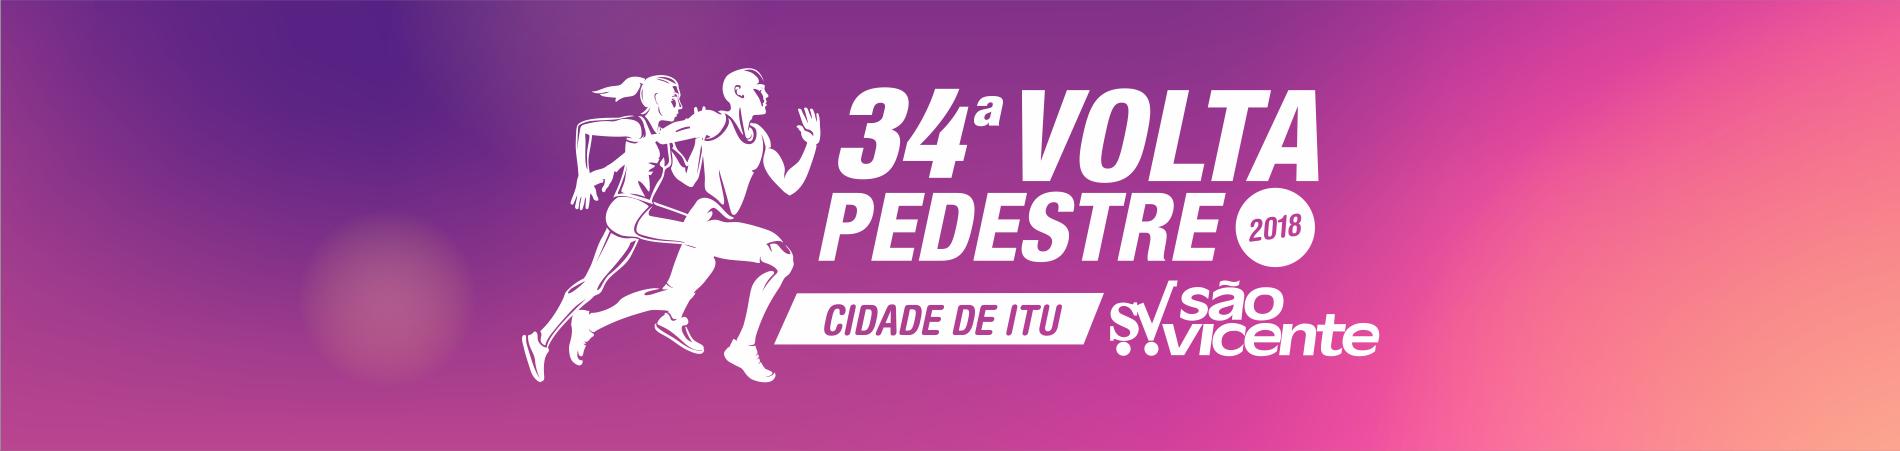 34ª Volta Pedestre de Itu - Imagem de topo